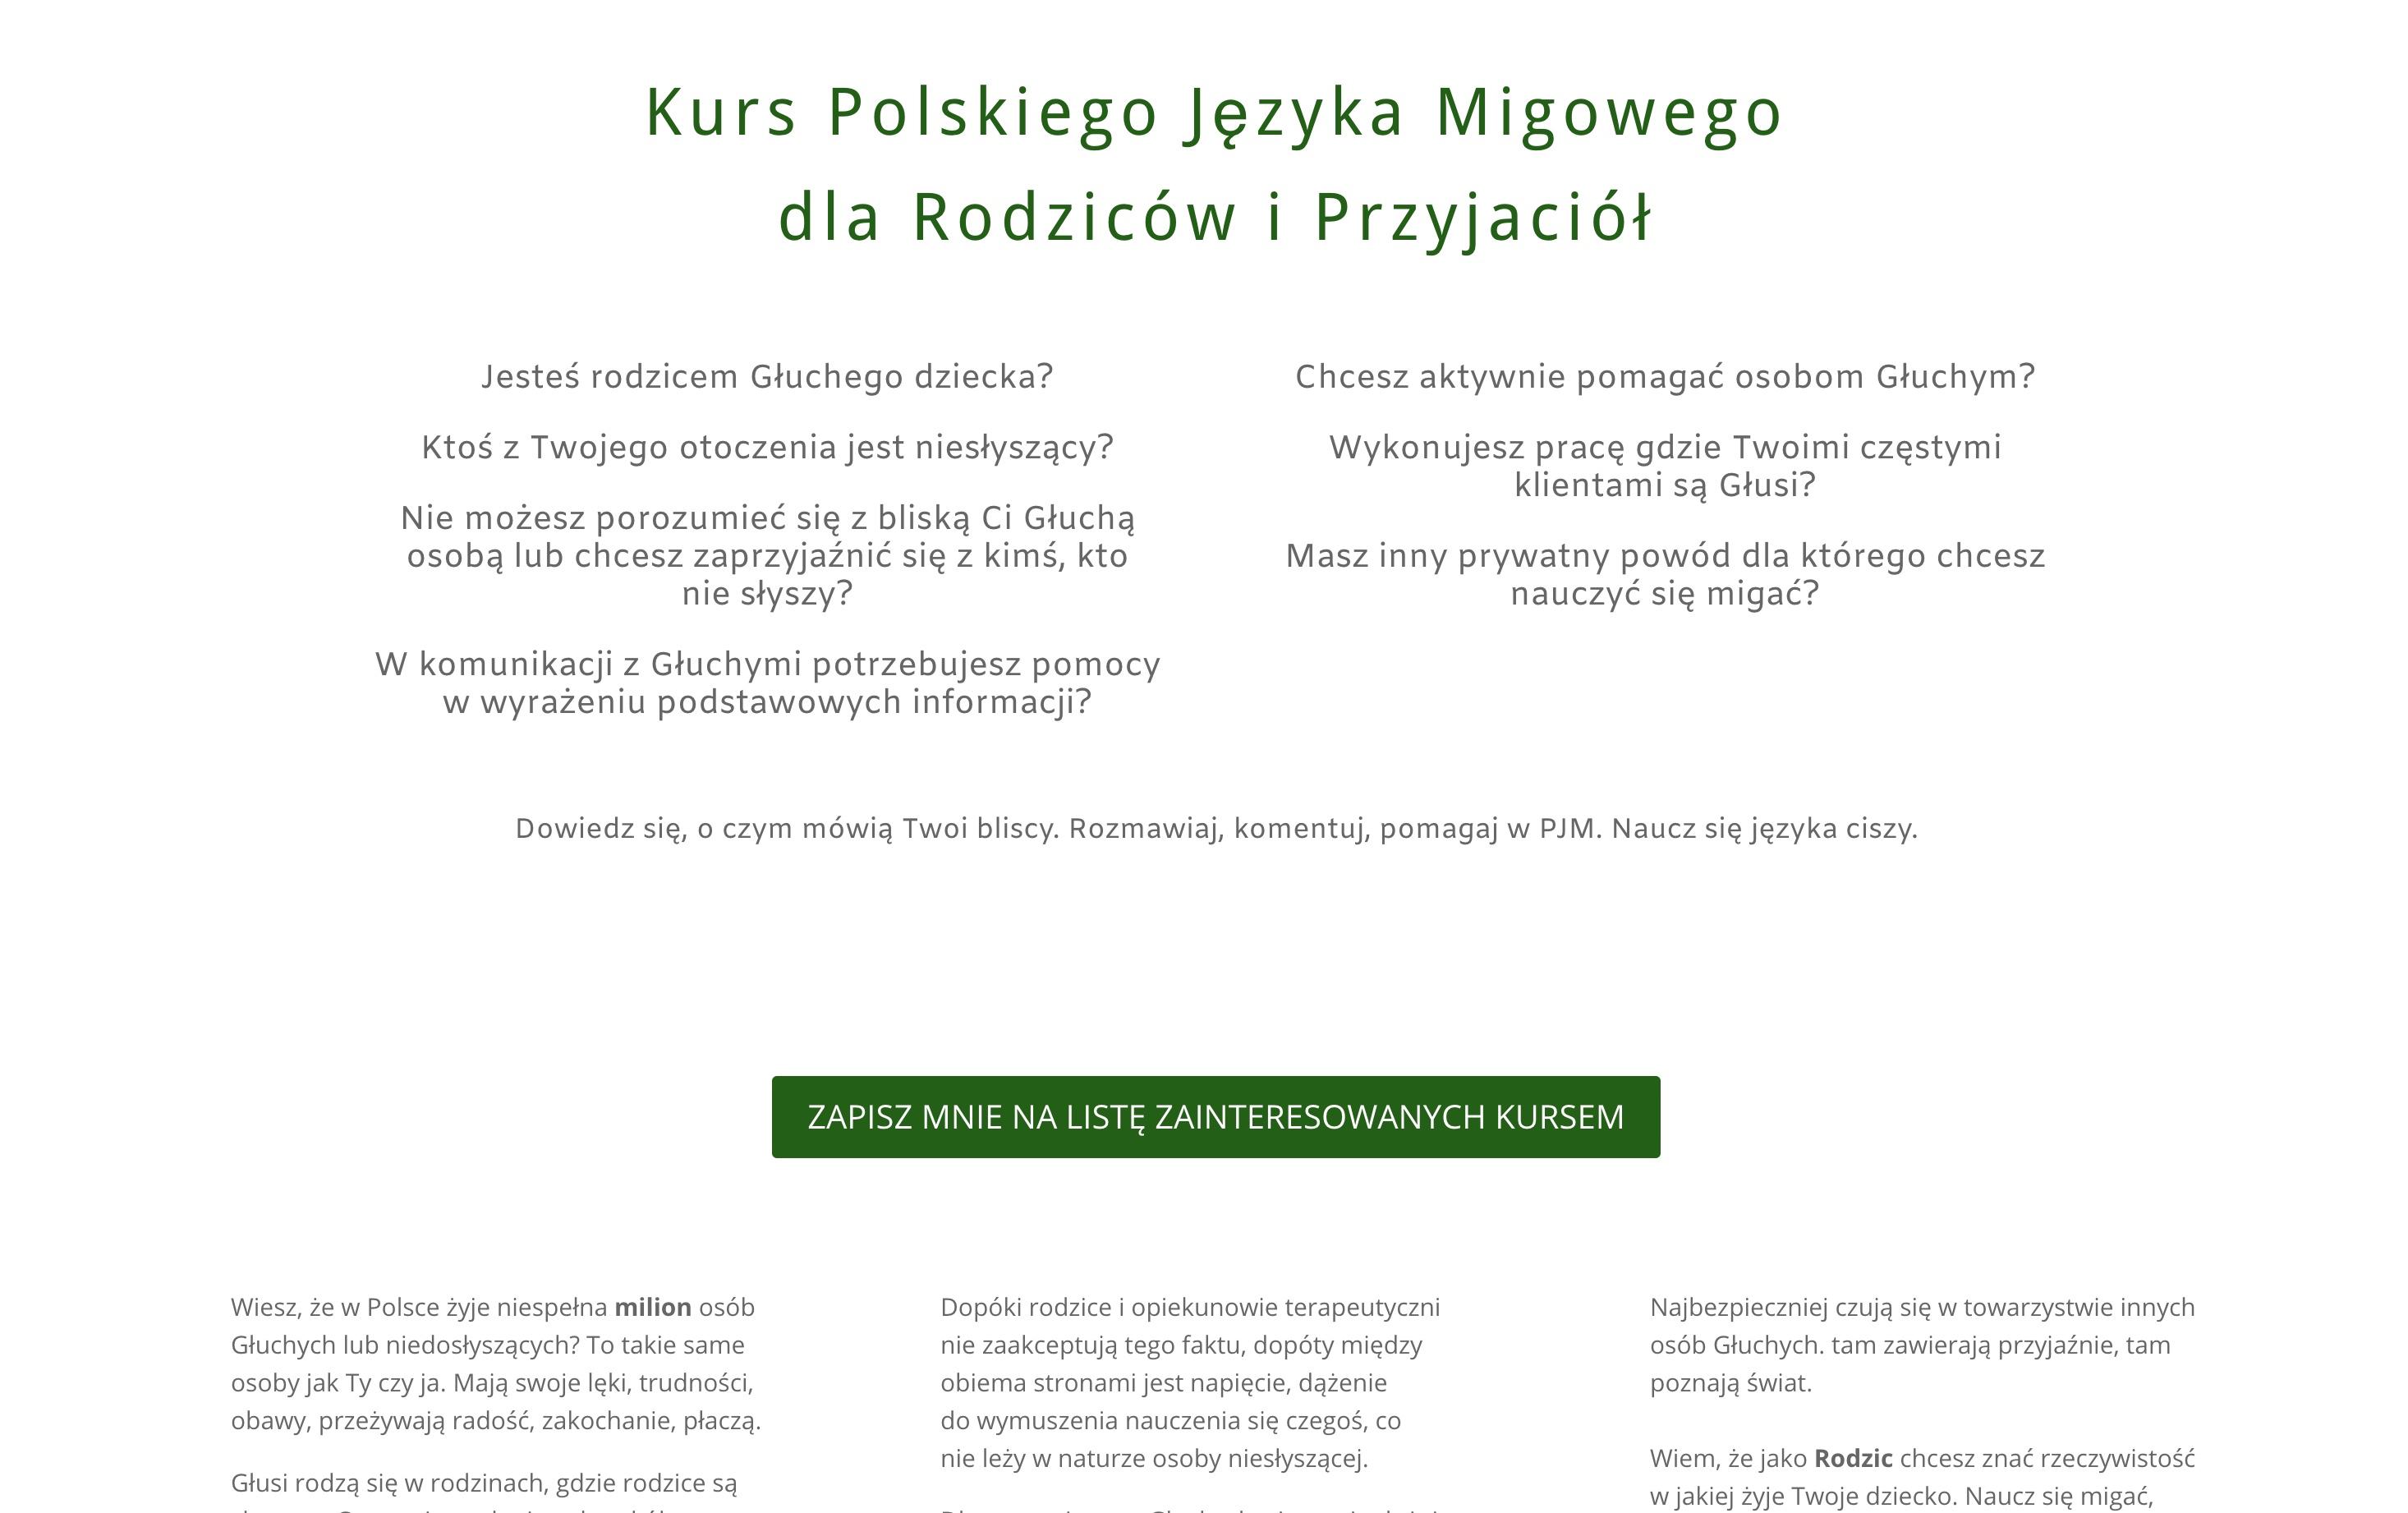 Zrzut ekranu ze strony www.joannamigiem.pl